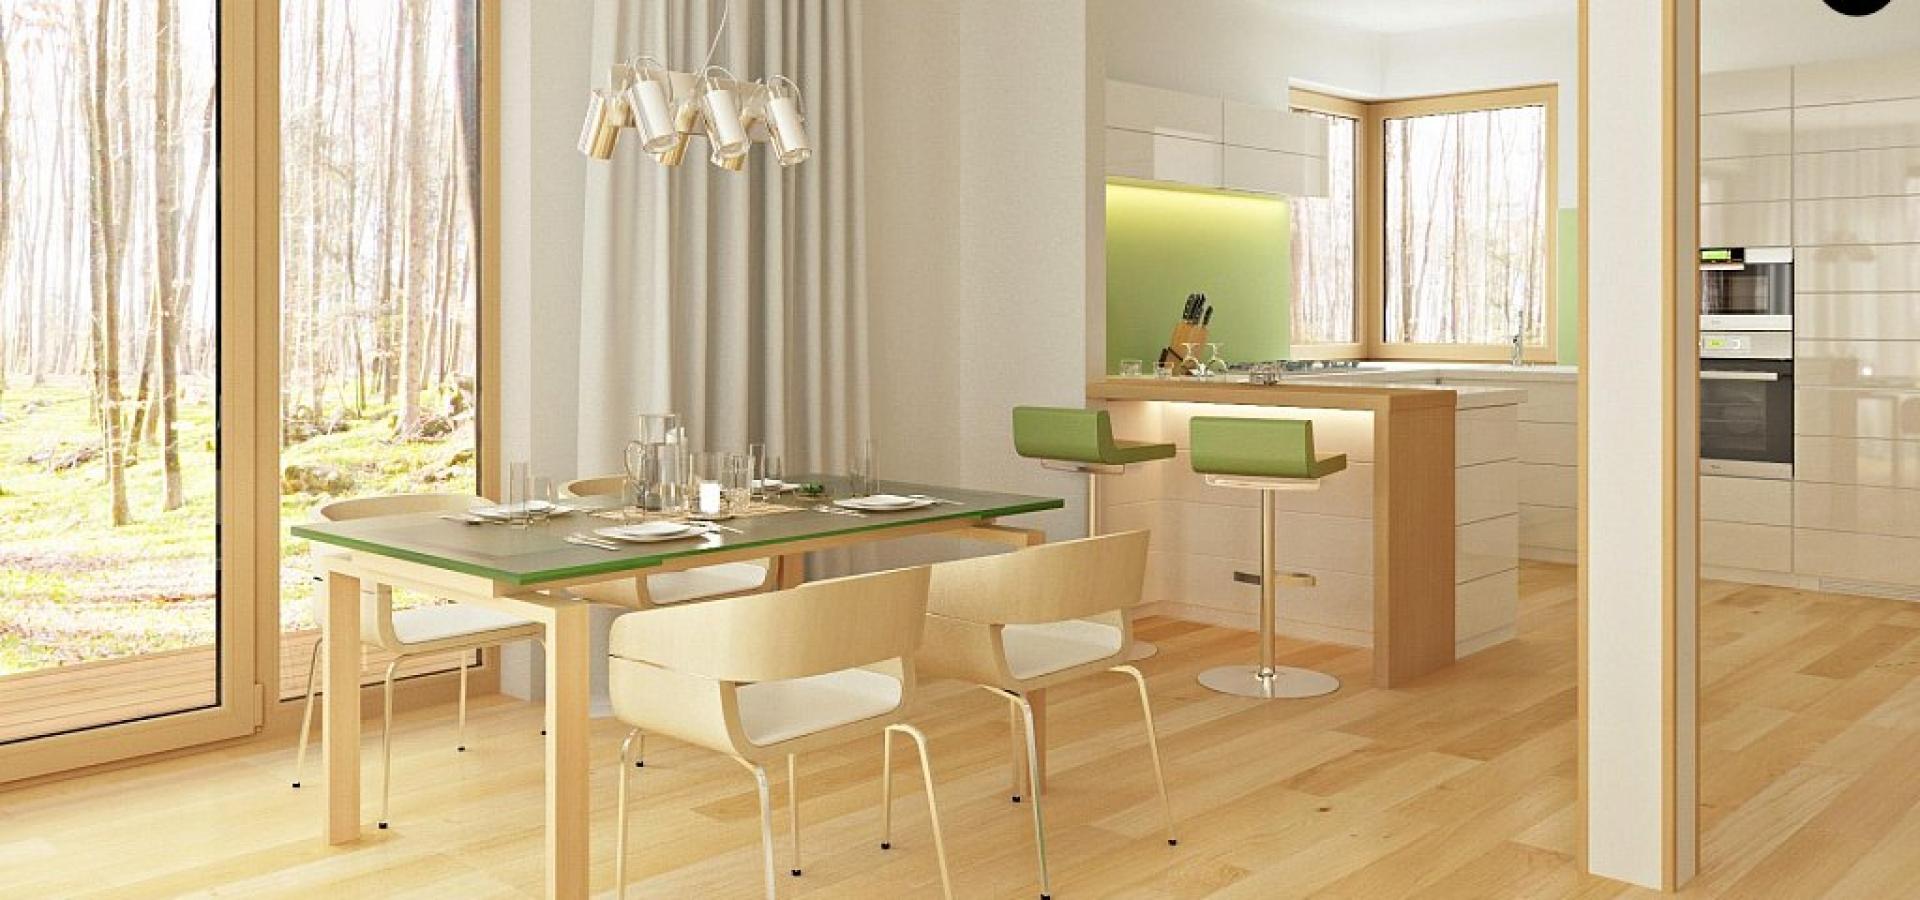 fotos-interior-de-casa-de-dos-pisos-con-cochera-y-tres-dormitorios